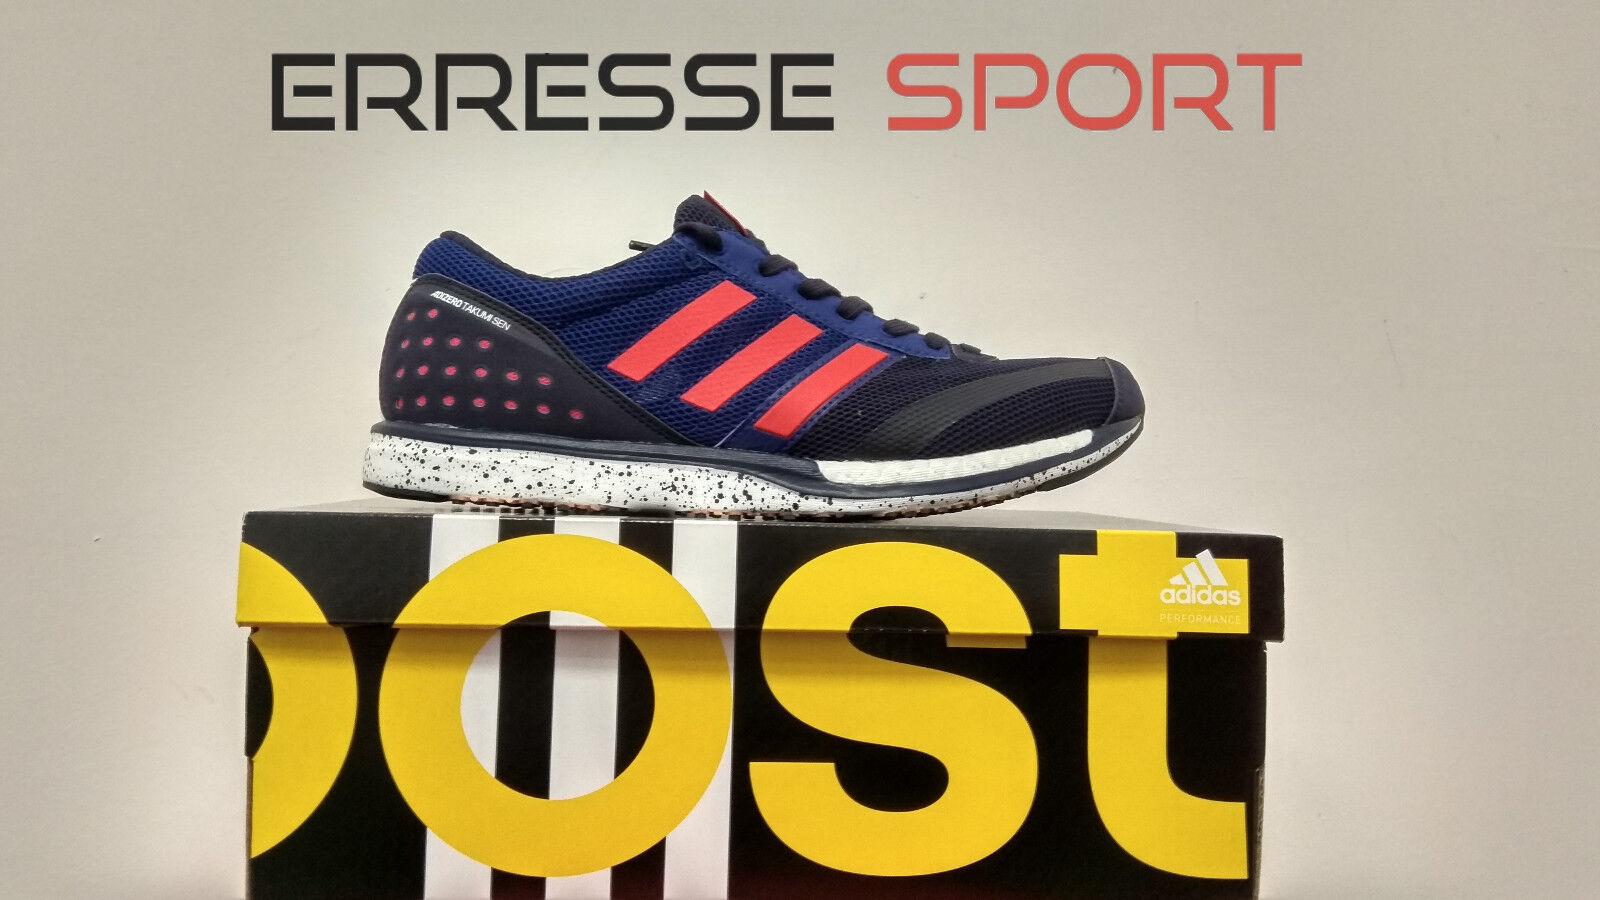 Adidas sen Adizero Takumi sen Adidas zapatos running raza superlight 84336e